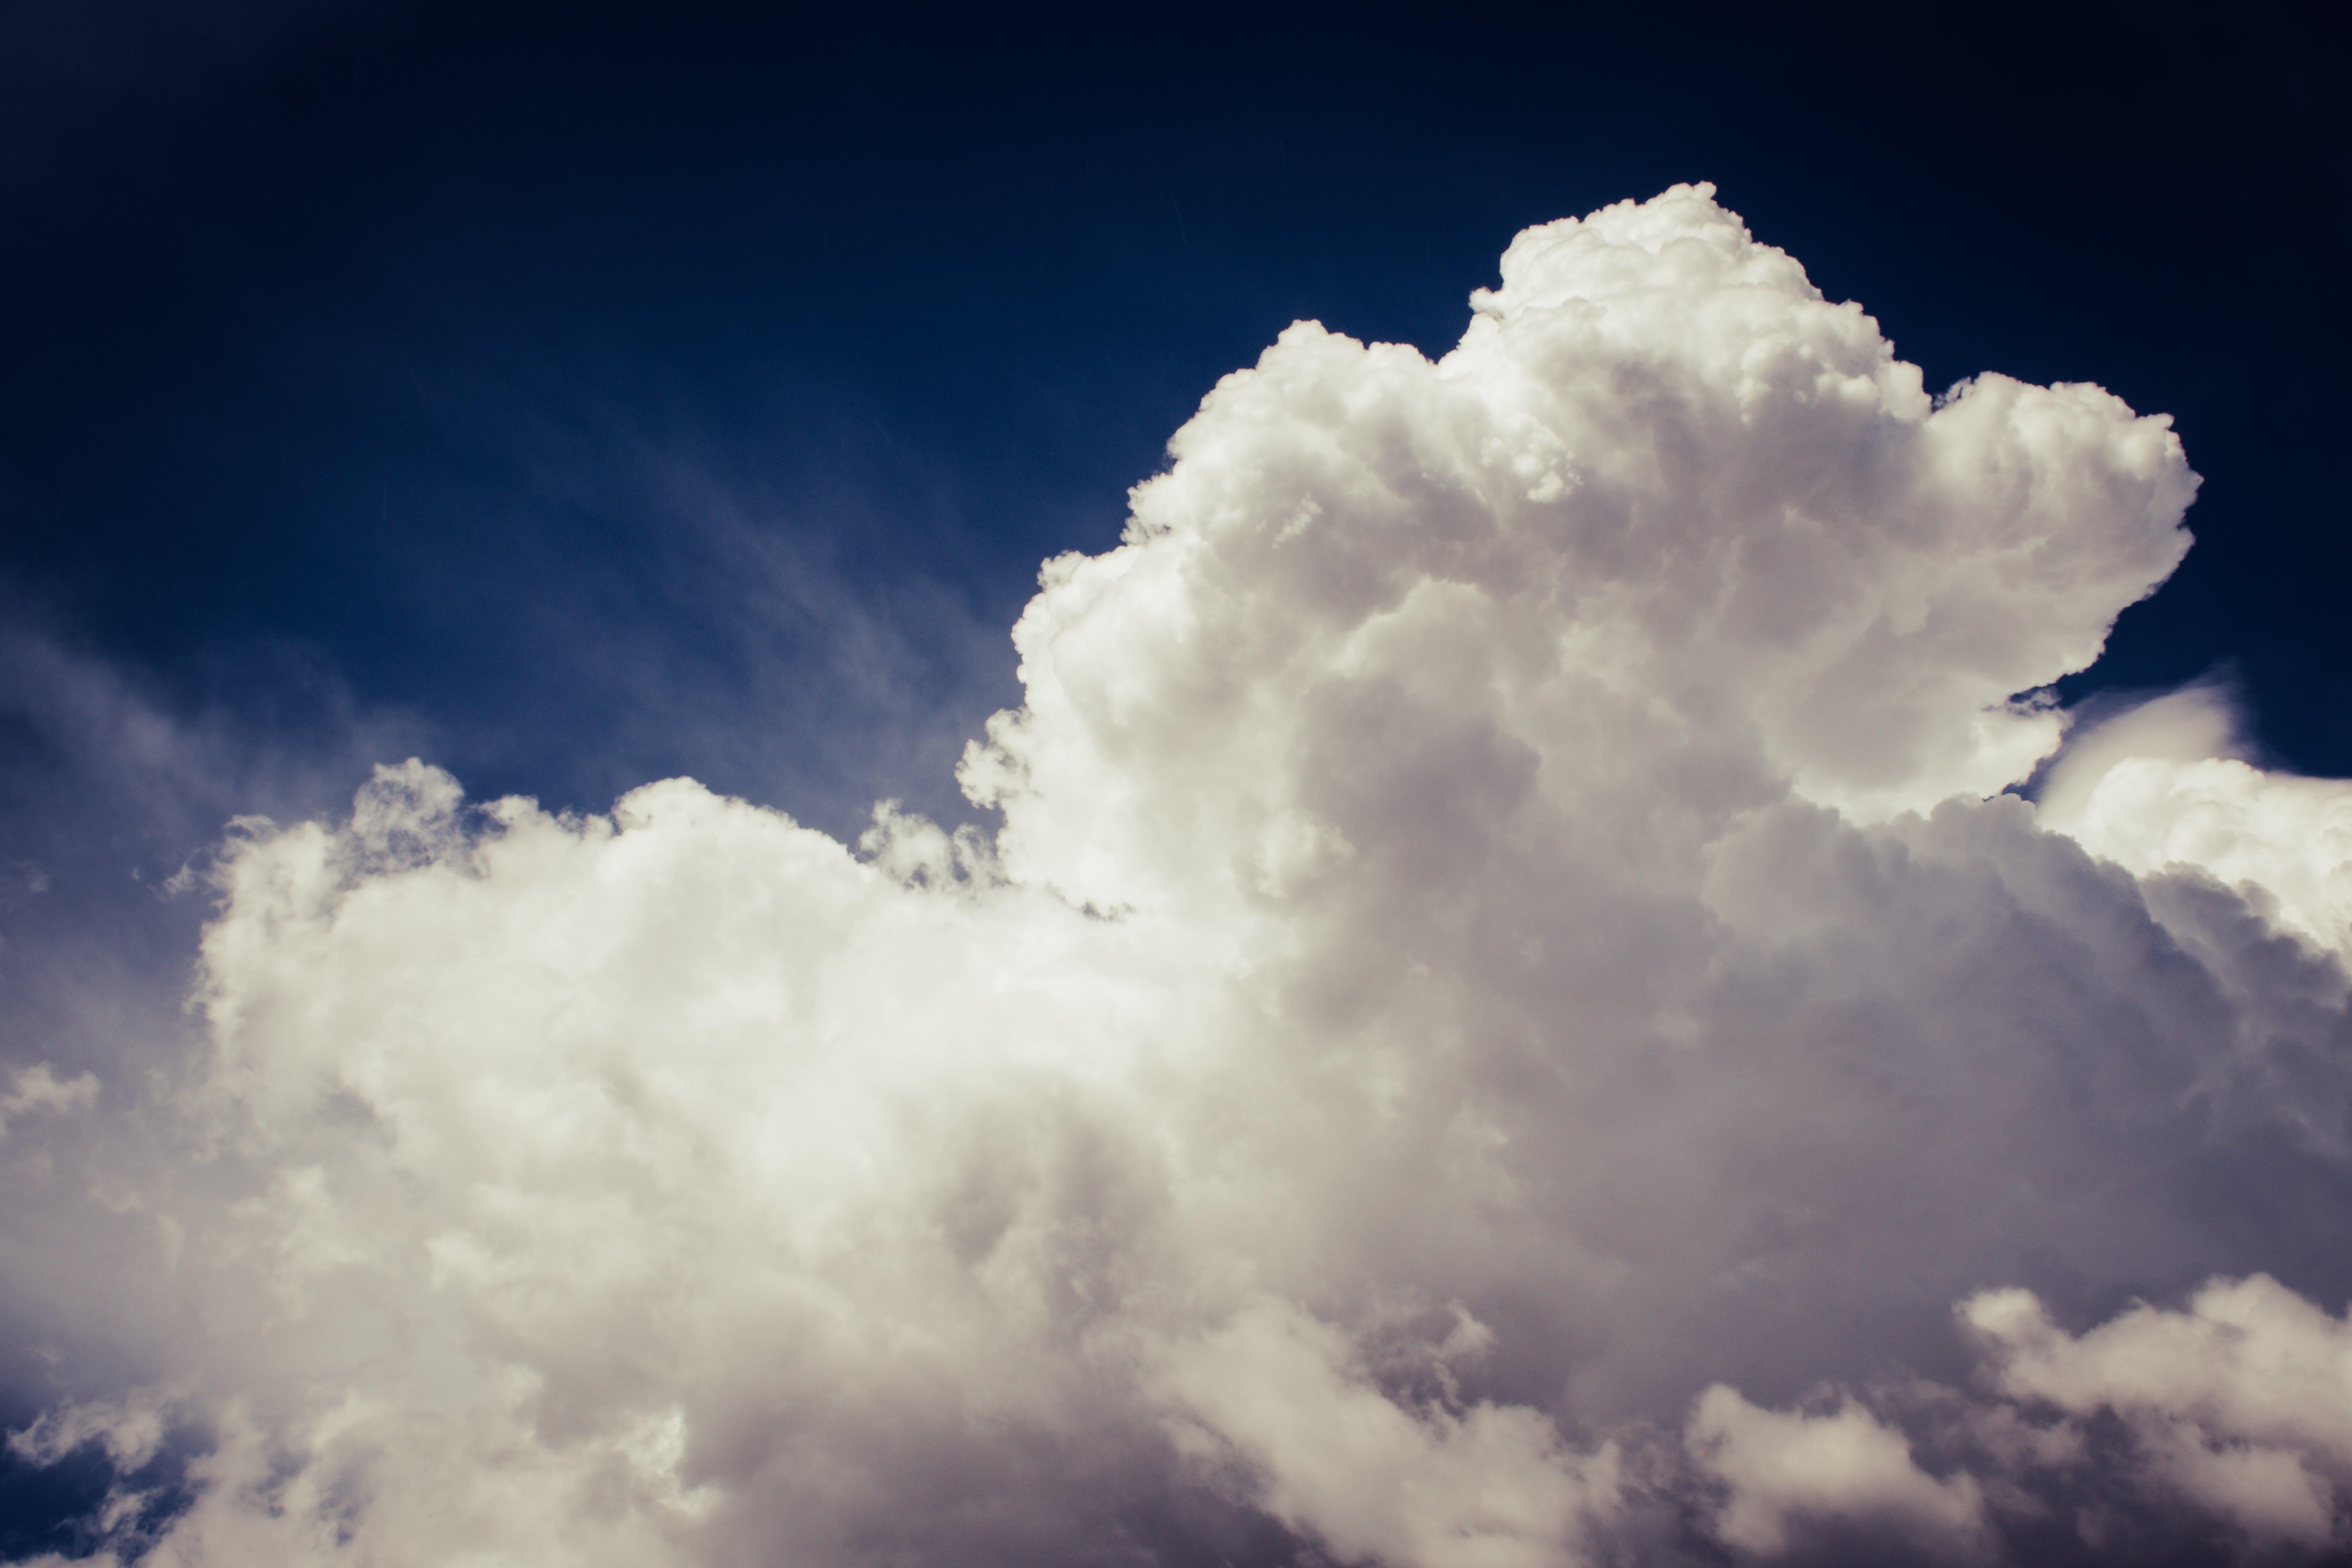 açık, beyaz, bulut oluşumu, bulutlar içeren Ücretsiz stok fotoğraf